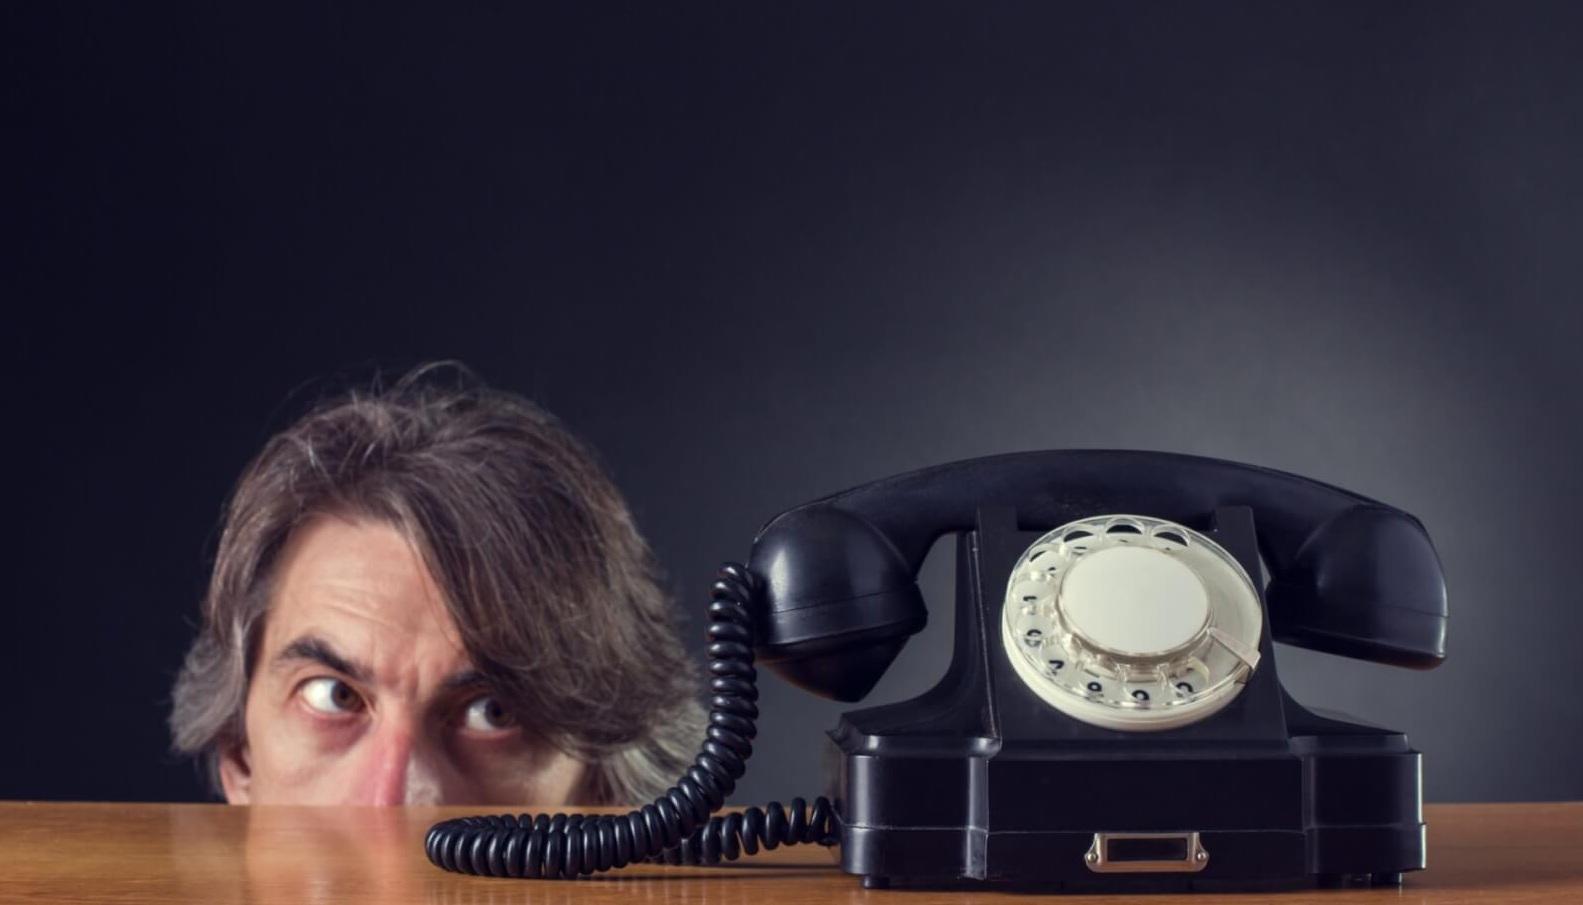 Жалоба в банк на звонки: составление и порядок подачи || Можно ли подать в суд на банк из-за постоянных звонков